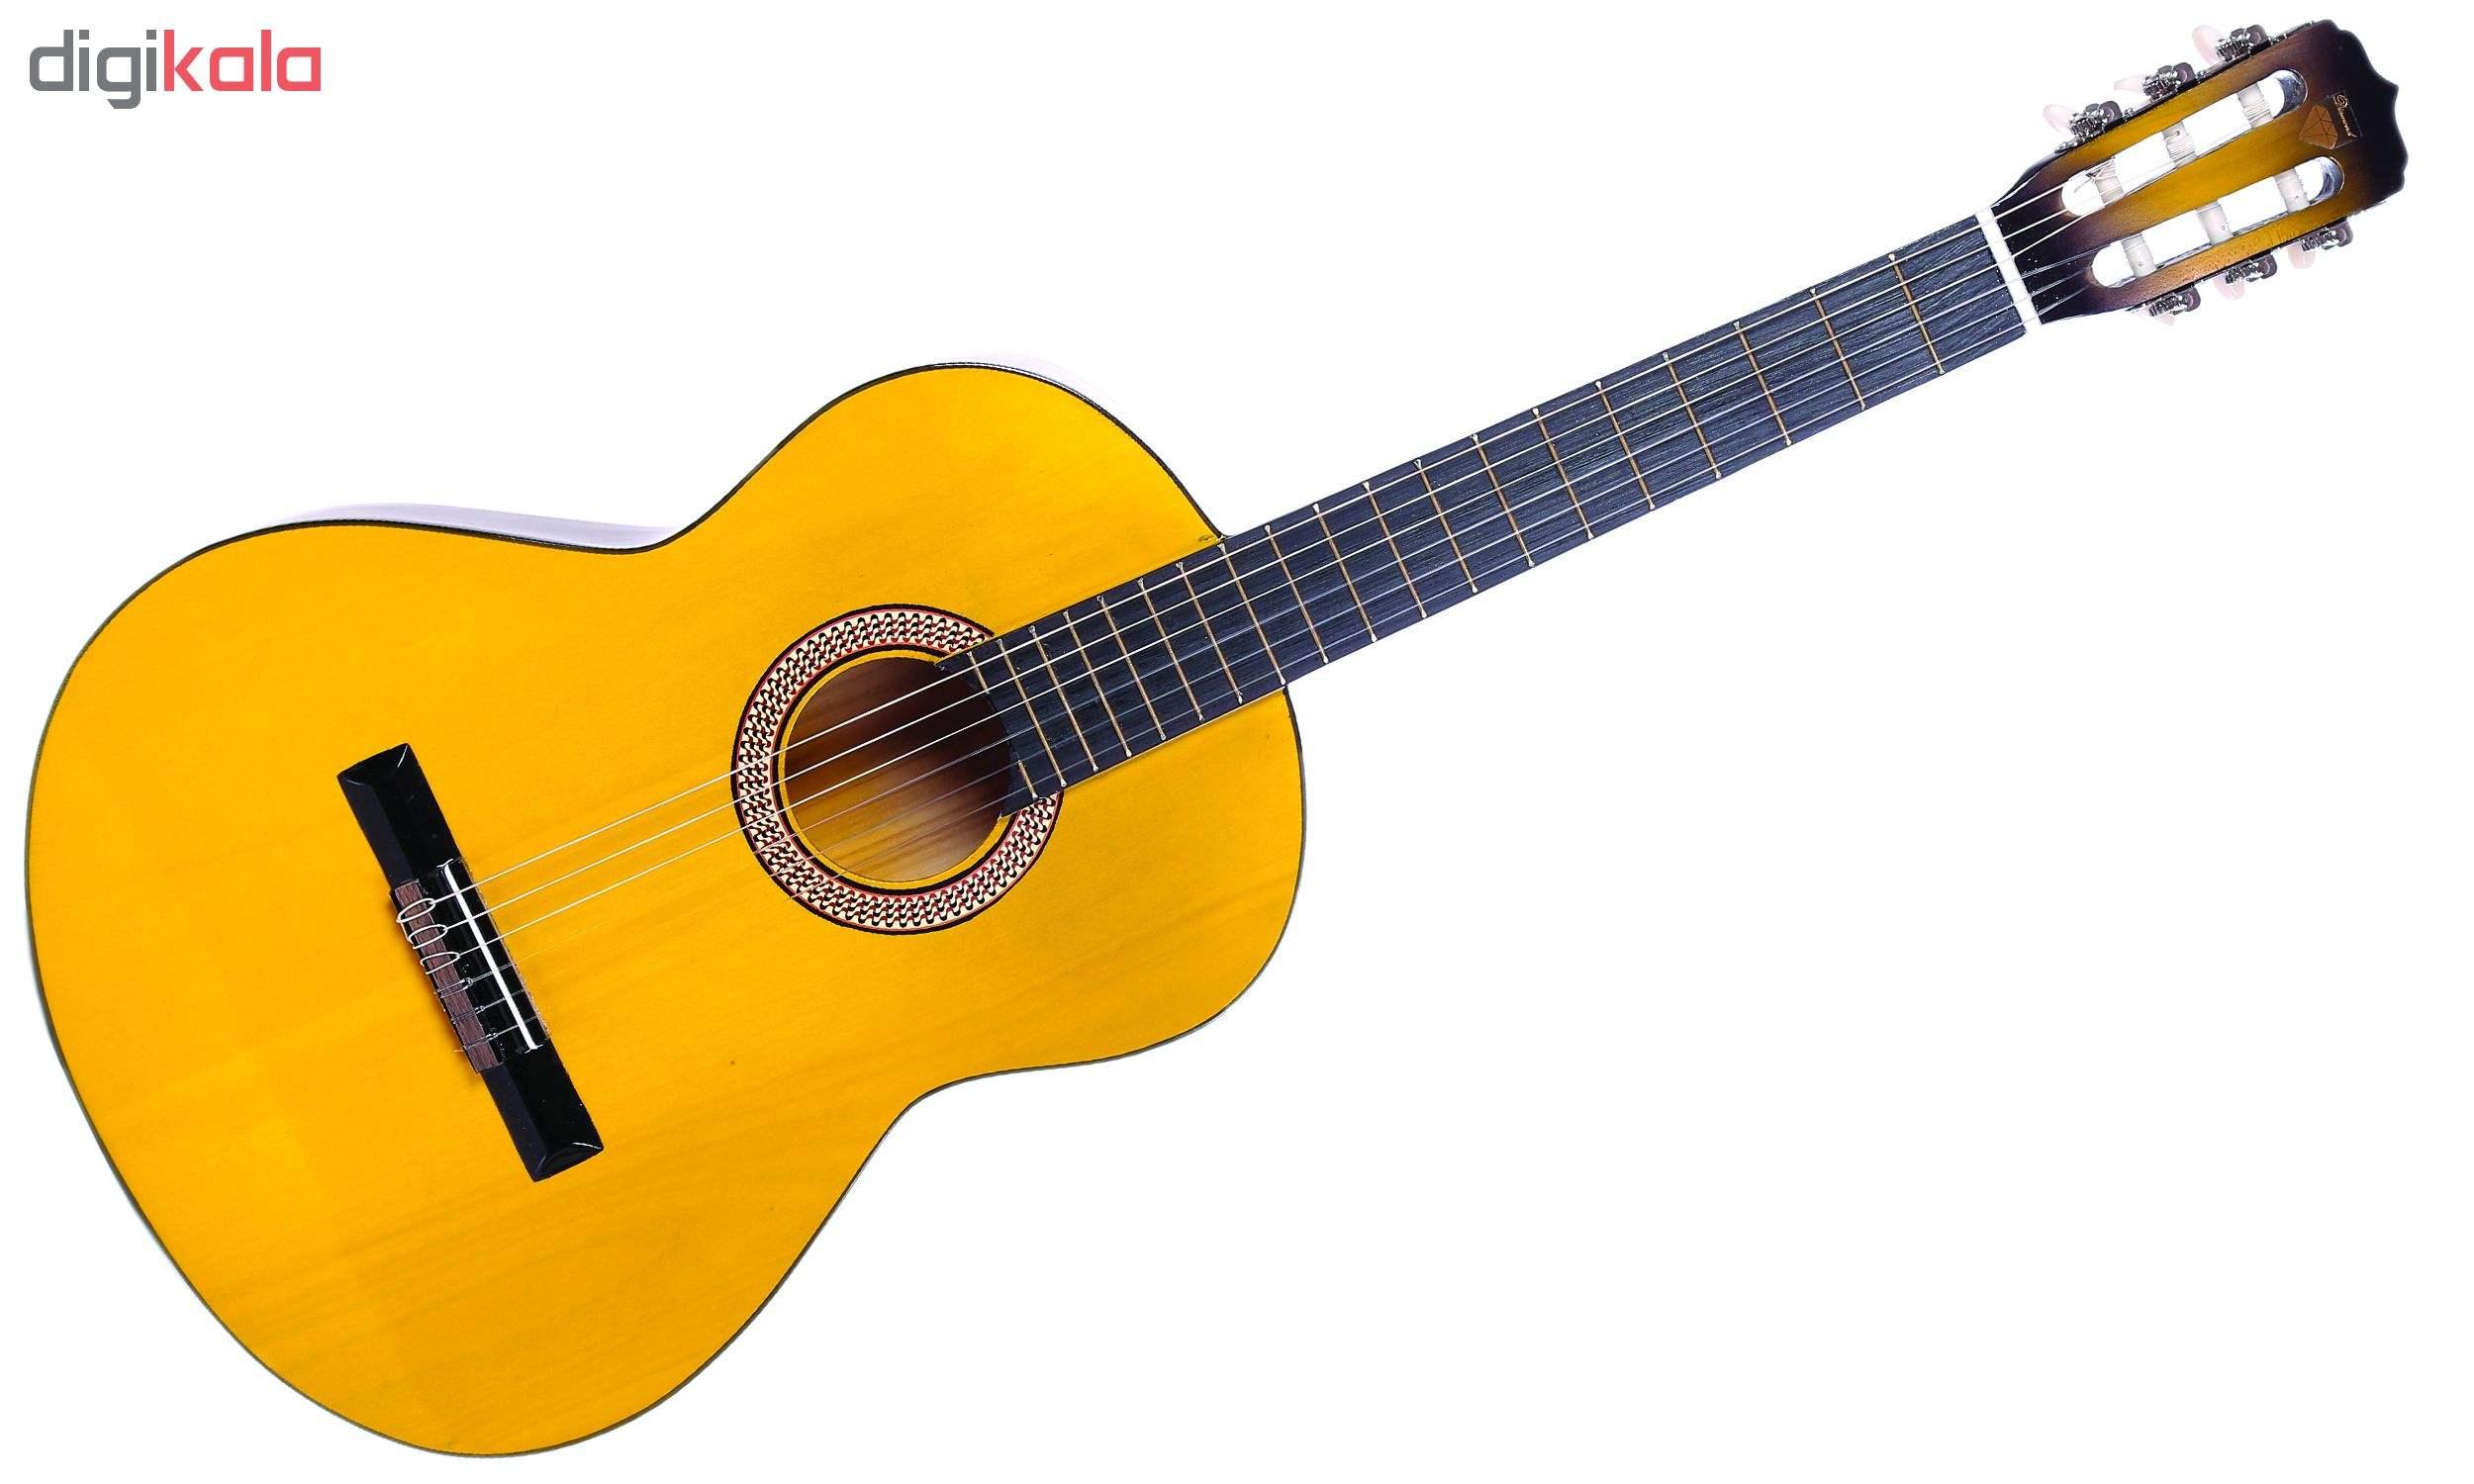 گیتار دایموند مدل TS600 thumb 3